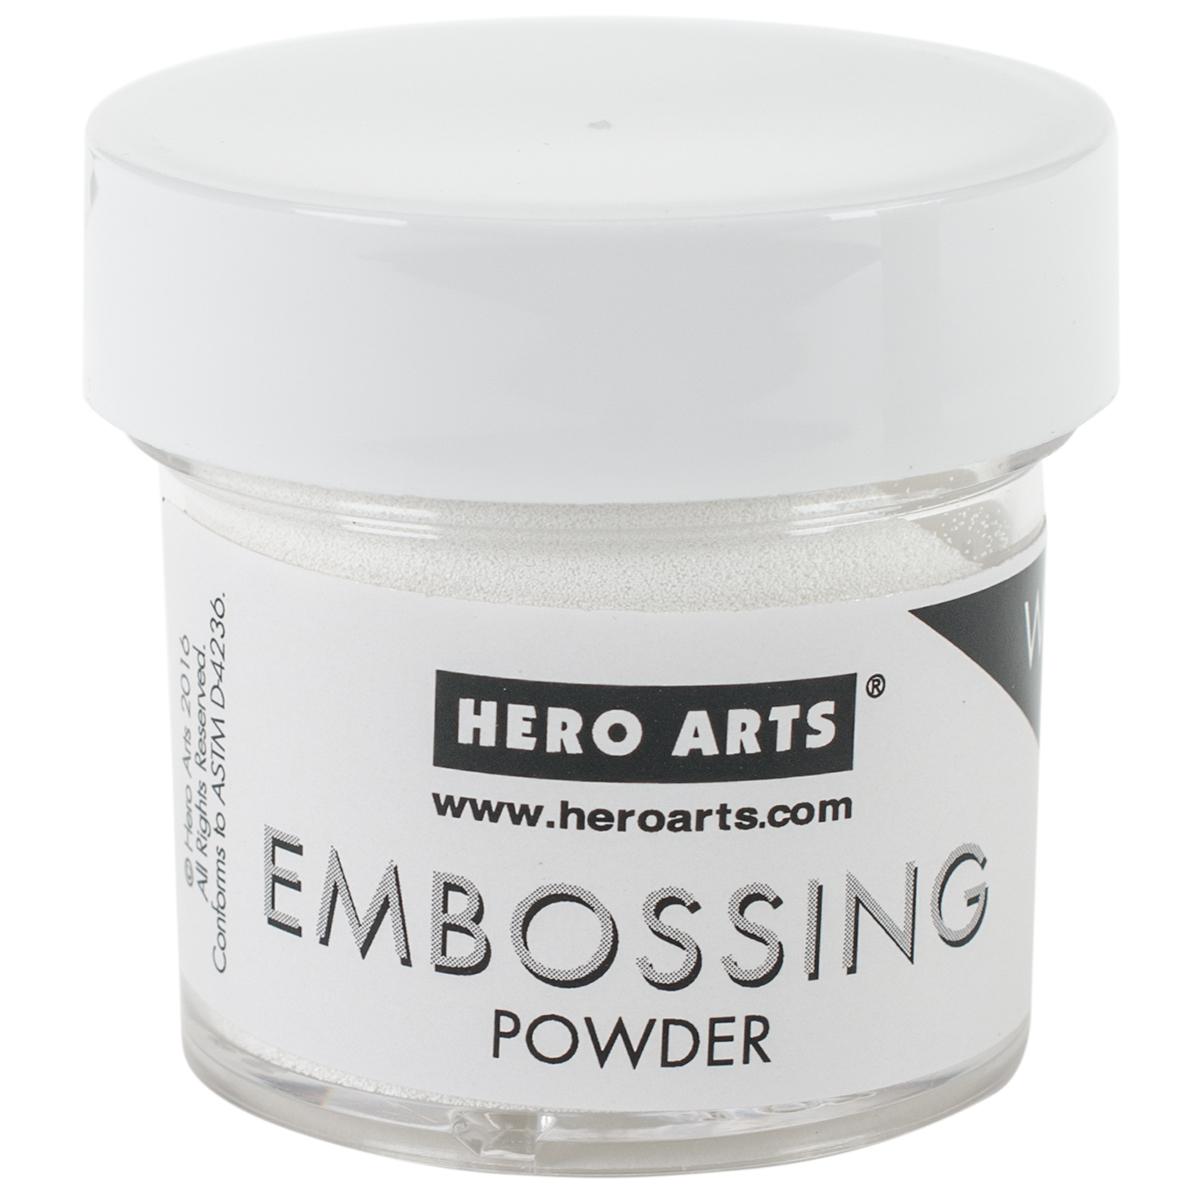 Hero Arts Embossing Powder -White